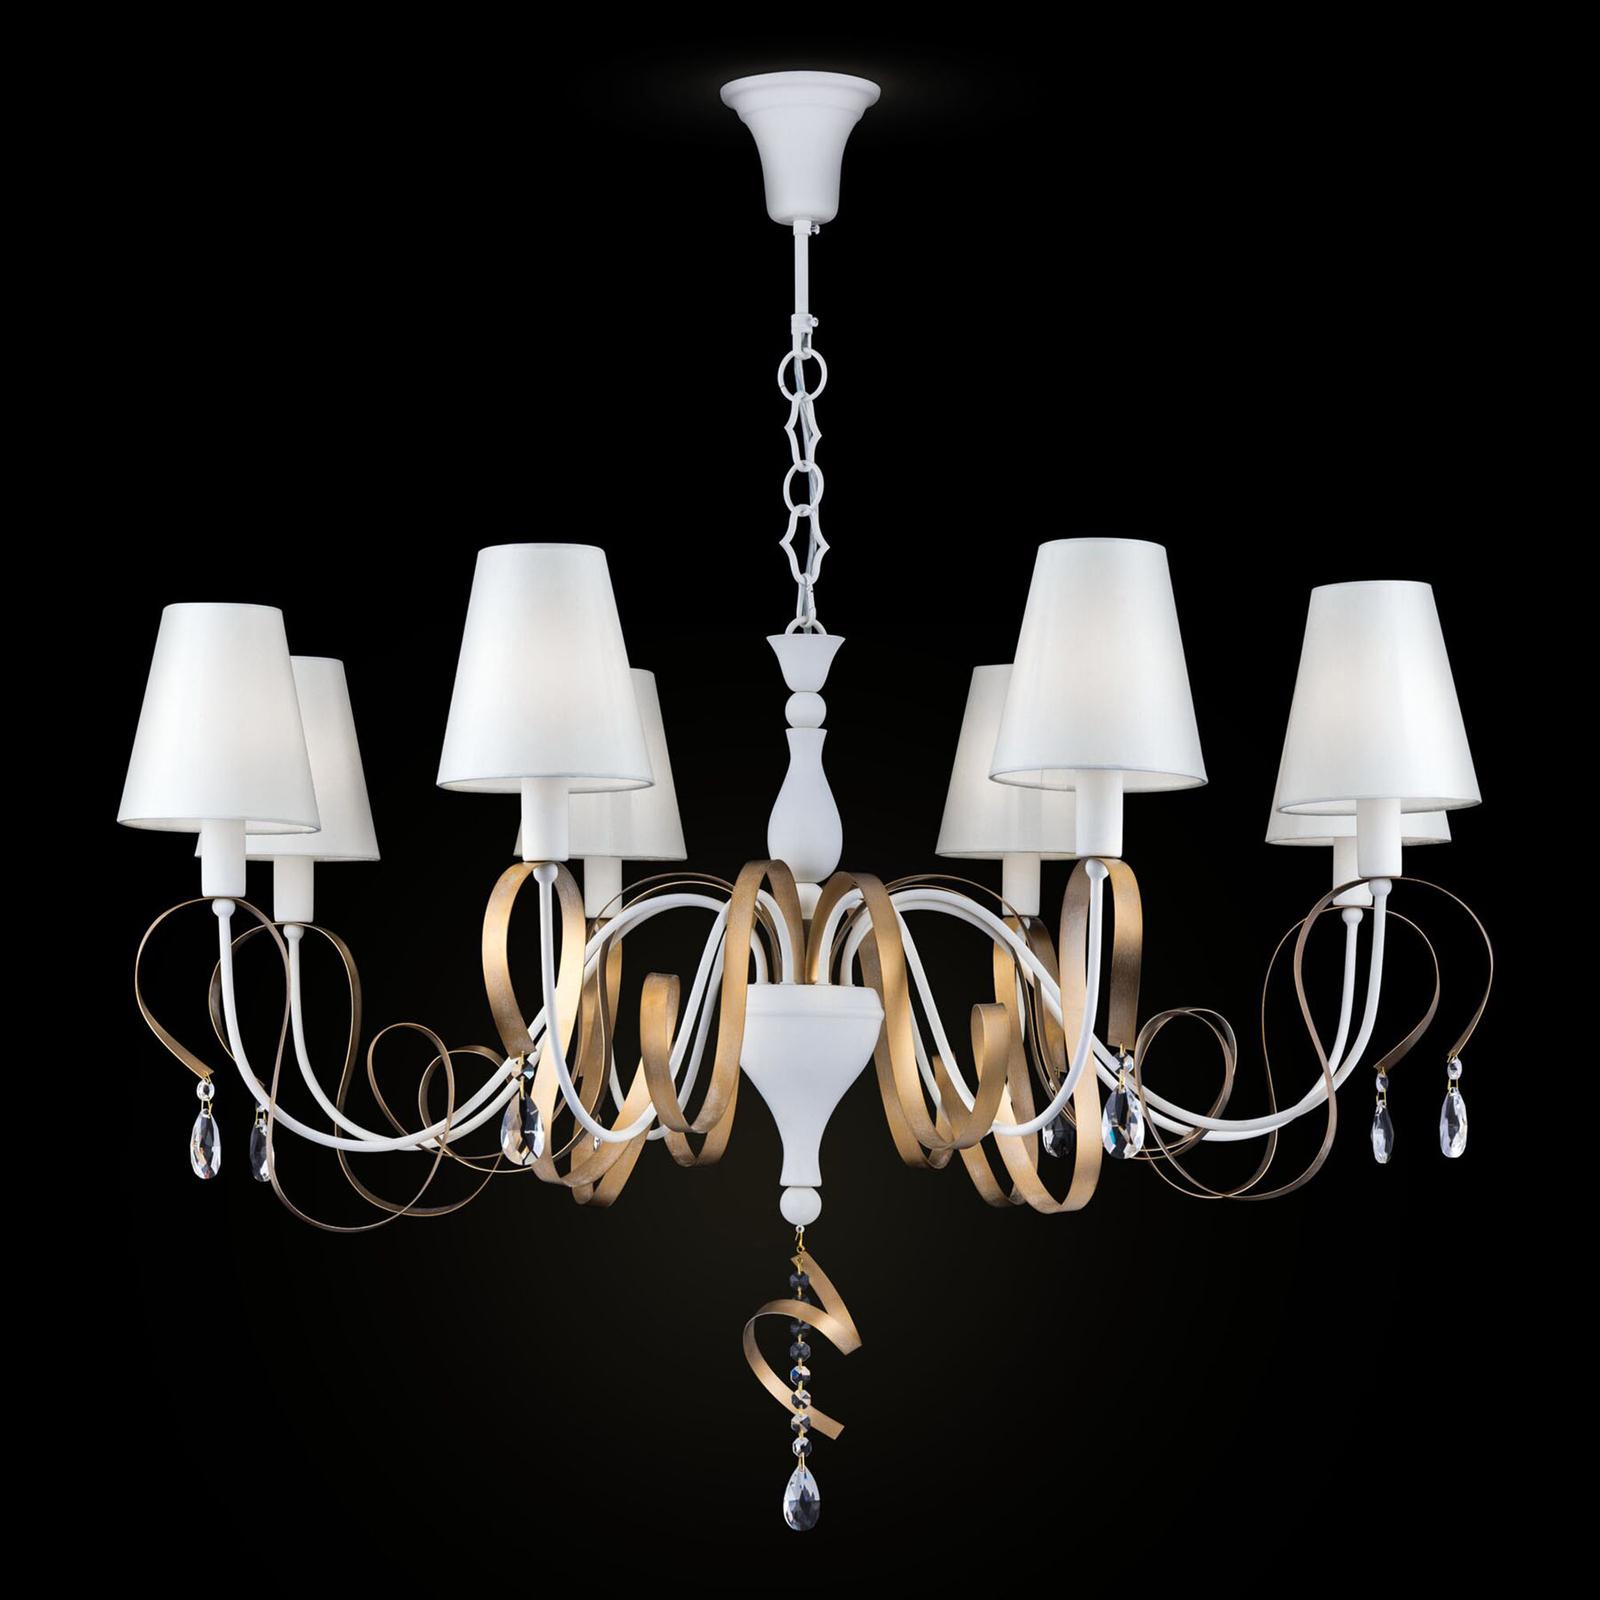 Textiele kroonluchter Intreccio met 8 lampjes